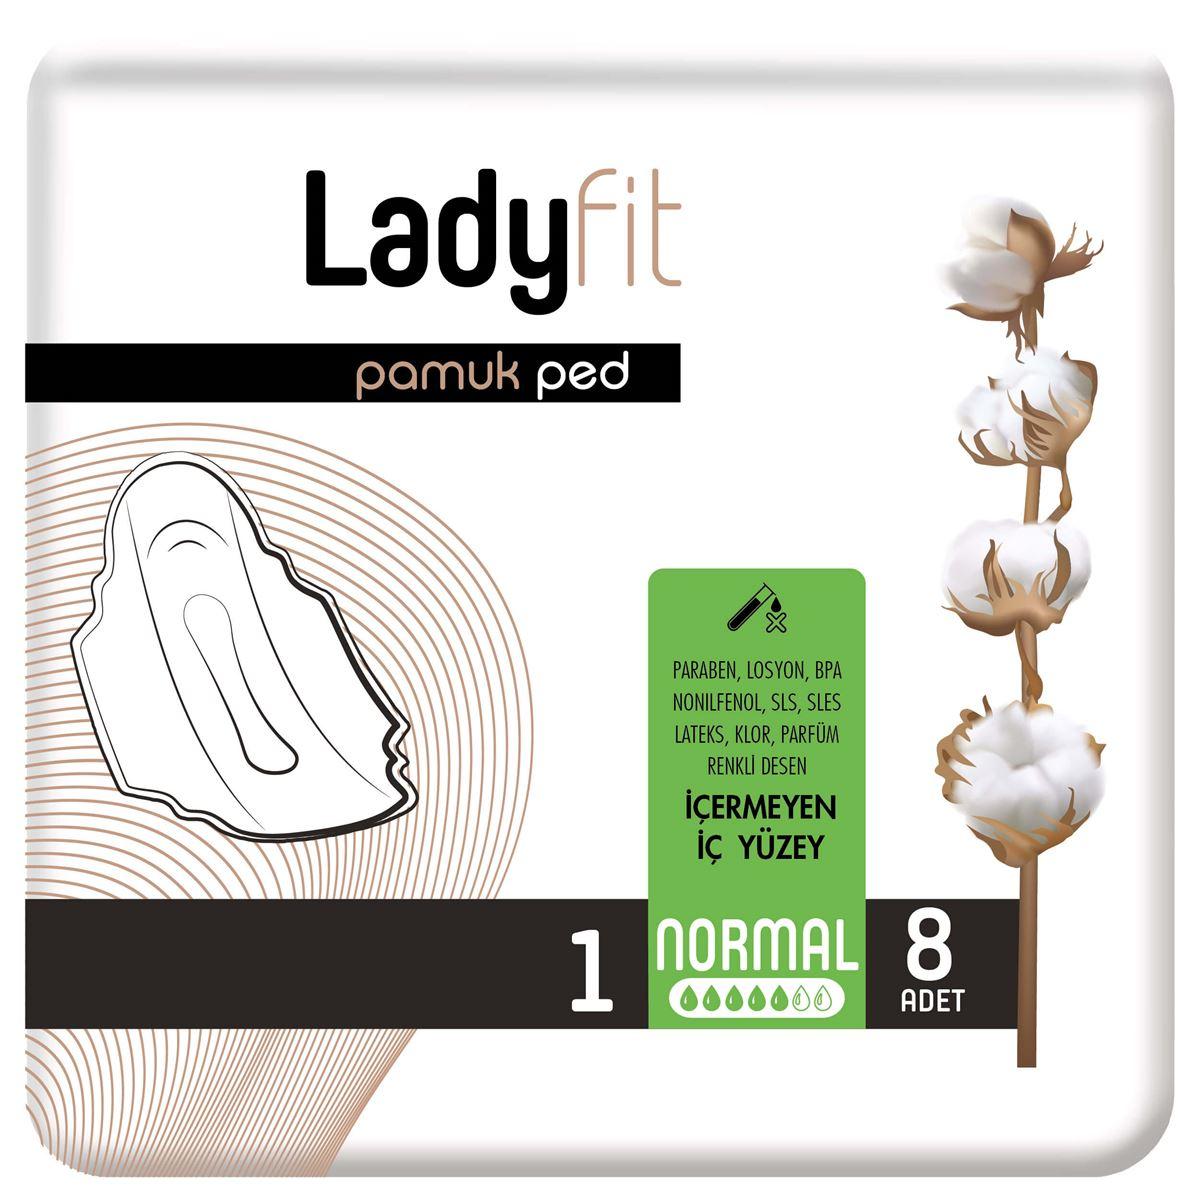 Ladyfit Pamuk Ped Standart Normal 8 Ped